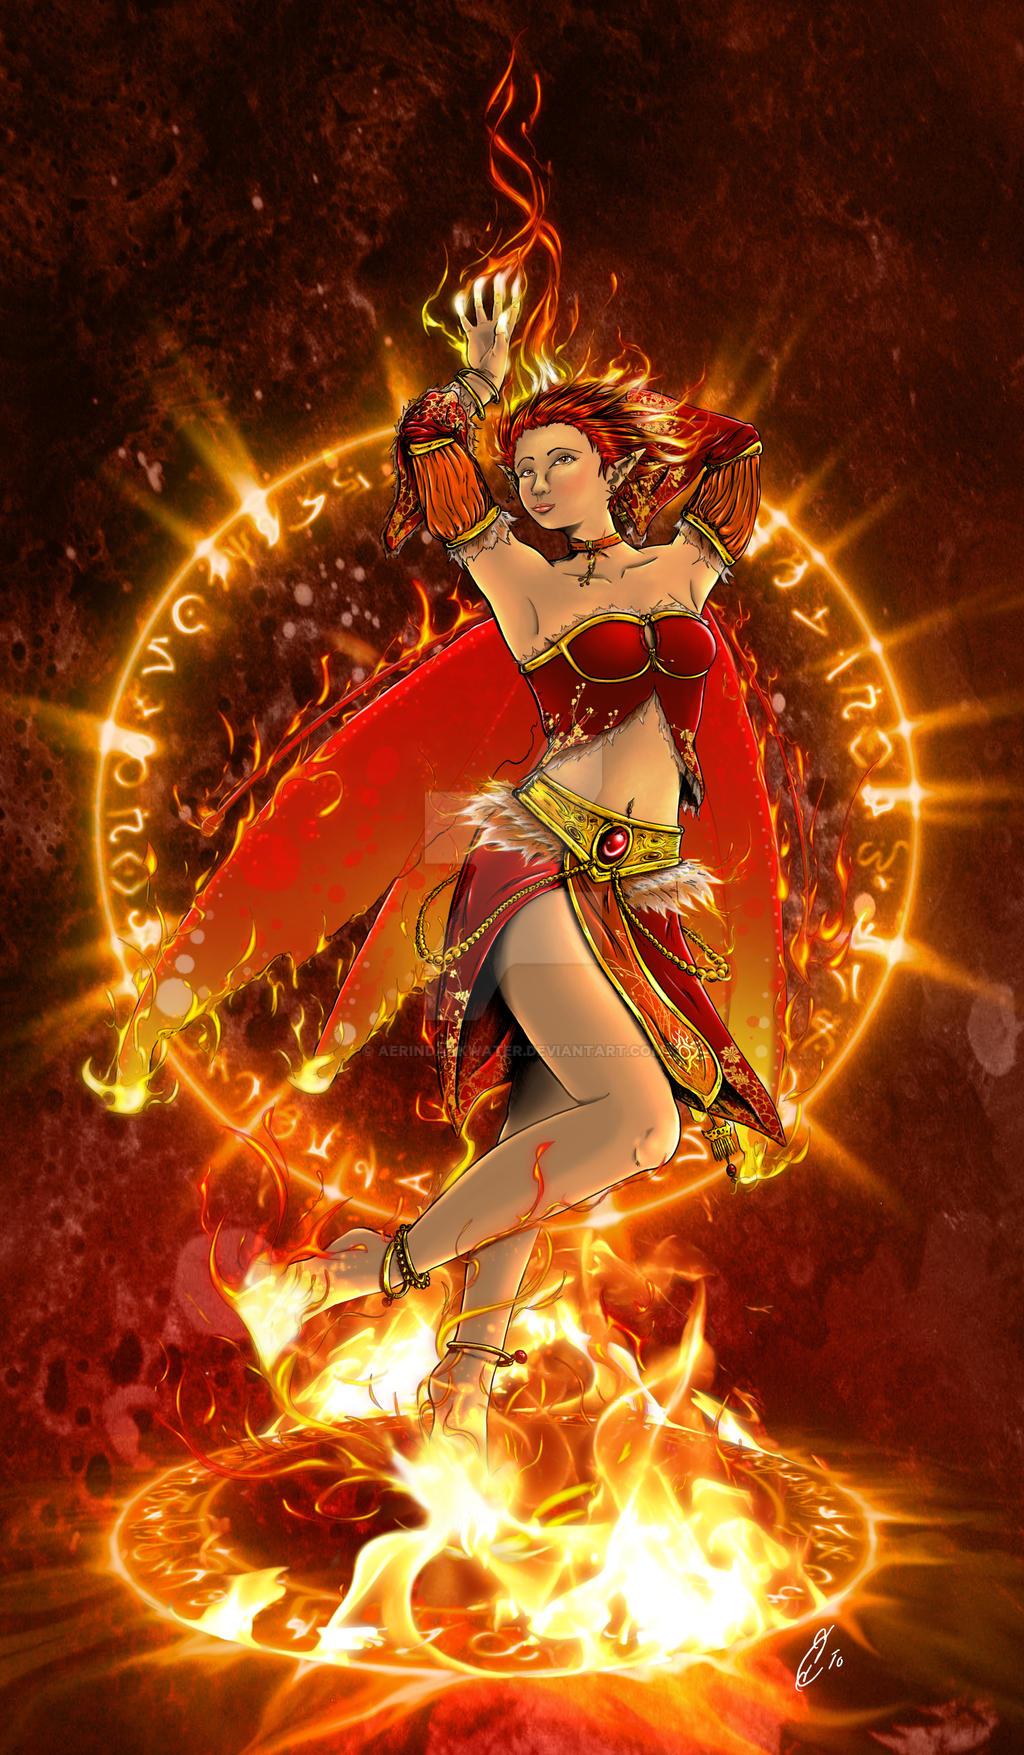 PRINT: Fire Fairy by Aerindarkwater on DeviantArt